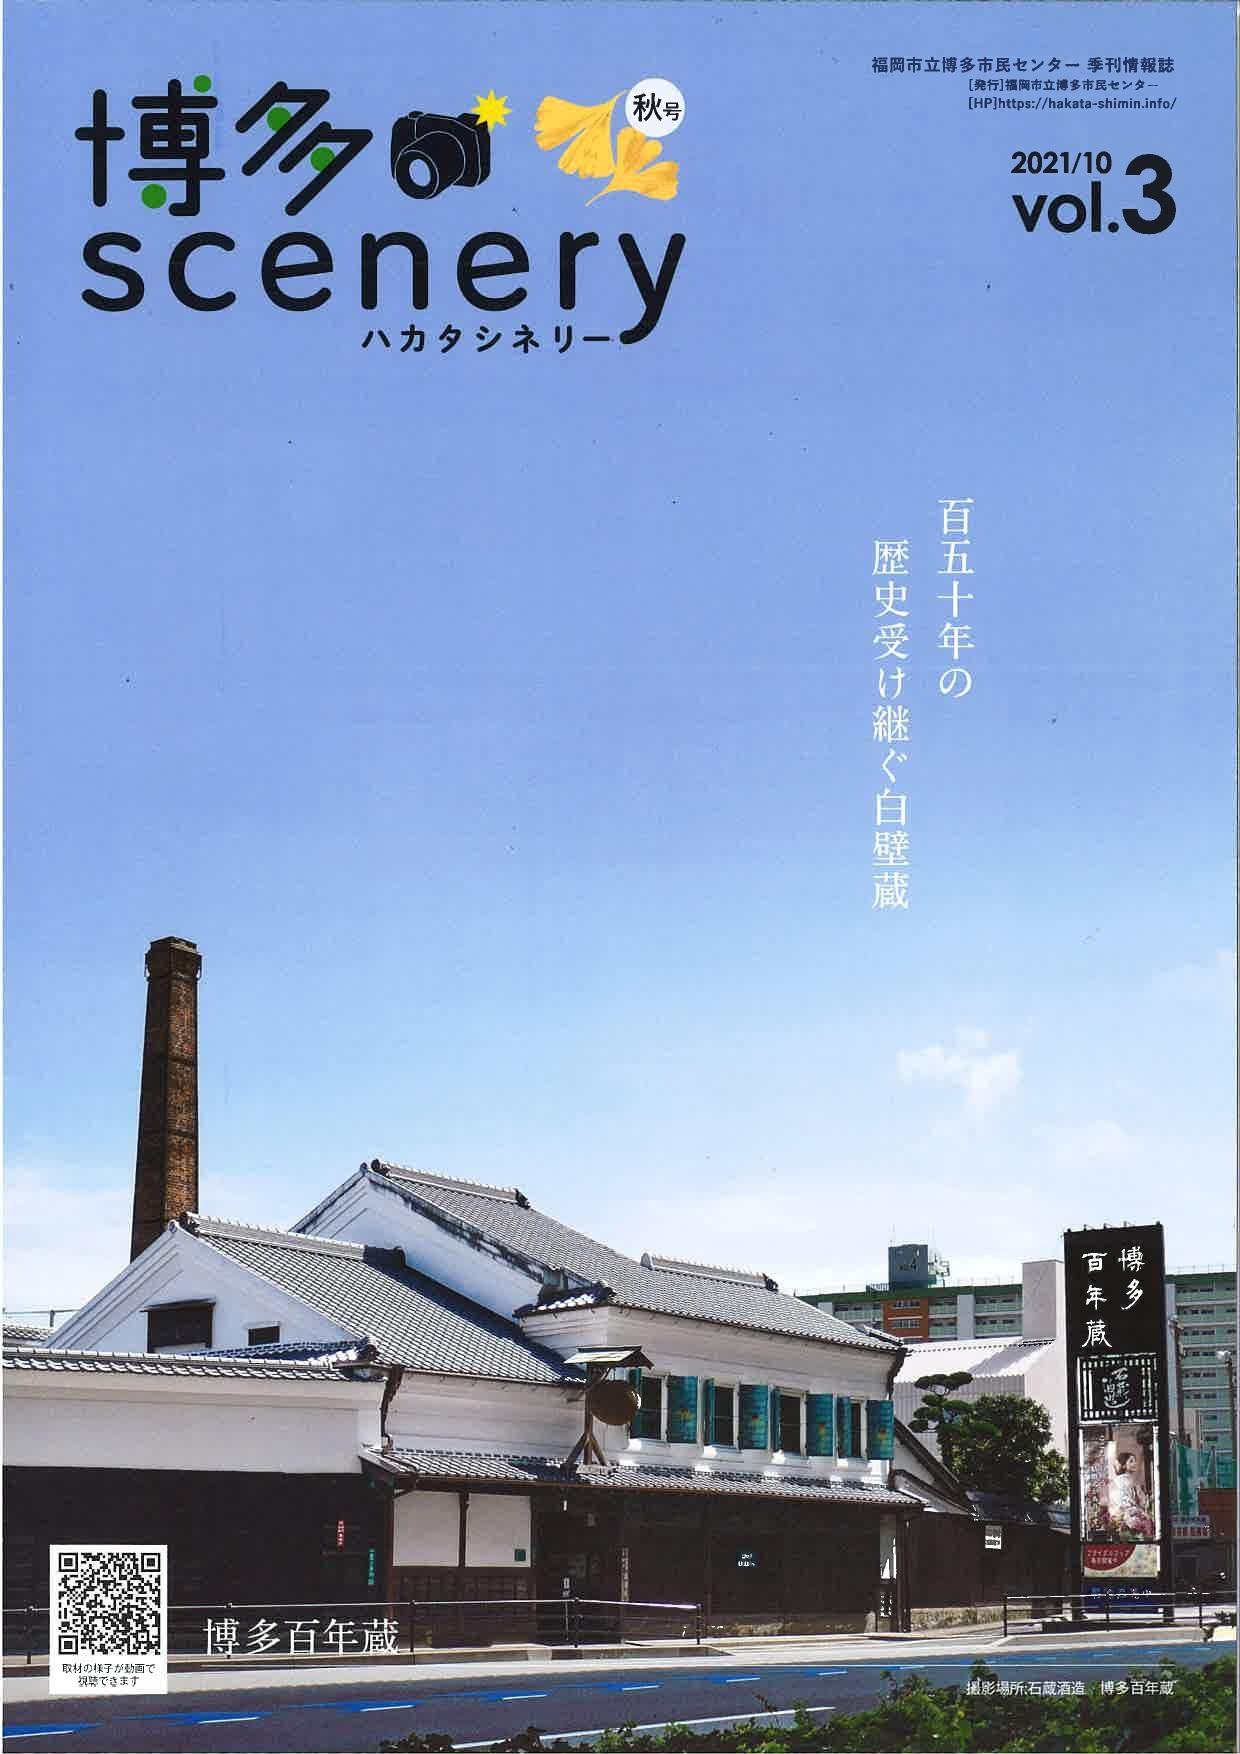 季刊情報誌『博多scenery』vol.3 (秋号) 発行しました